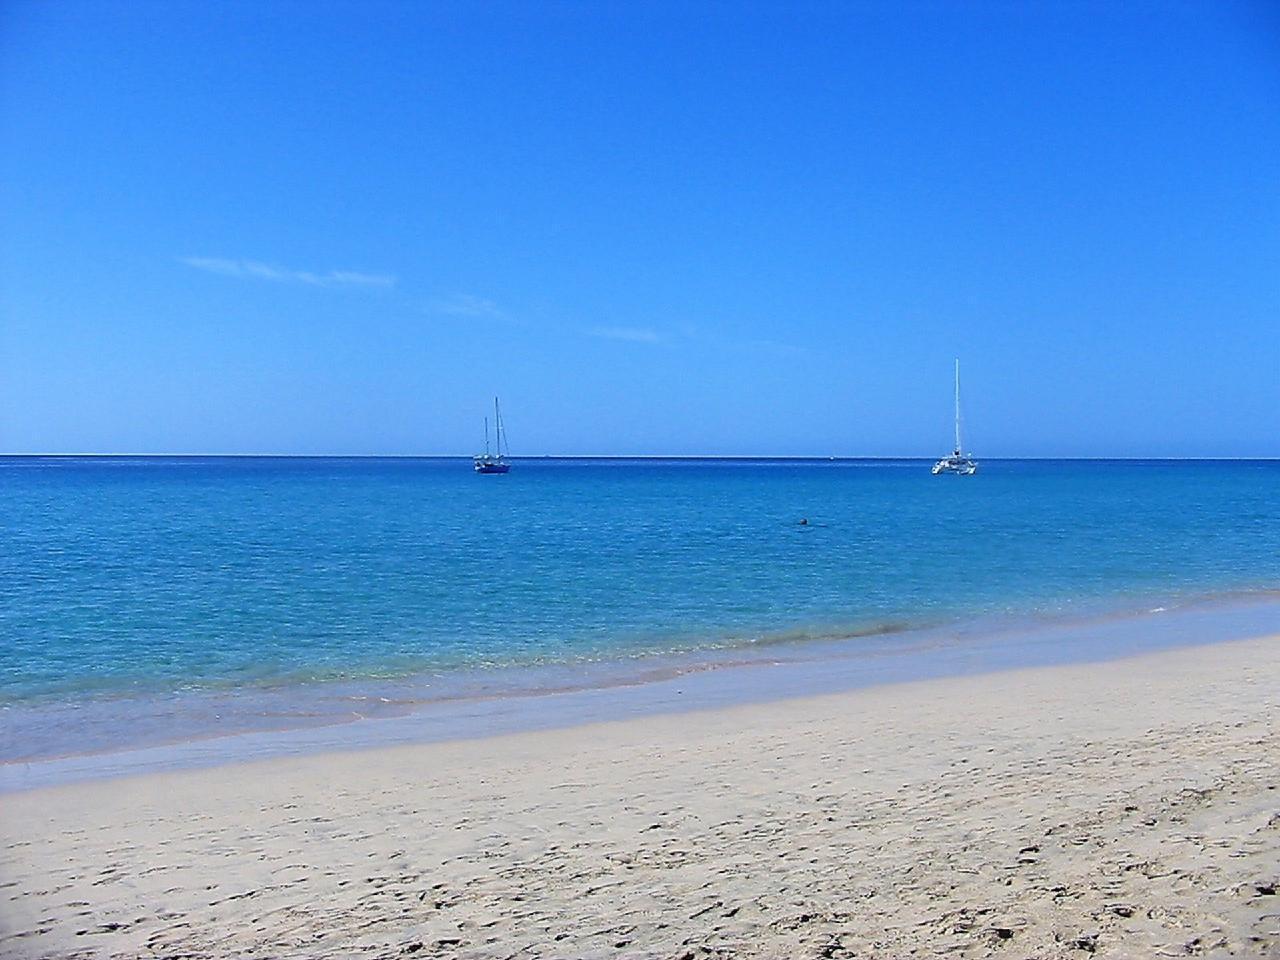 Ferienwohnung Apartment 2 / 4er Direkt am Meer, mit Blick auf den Strand, Schwimmbäder, ausgestattet. WI (634890), Morro Jable, Fuerteventura, Kanarische Inseln, Spanien, Bild 35